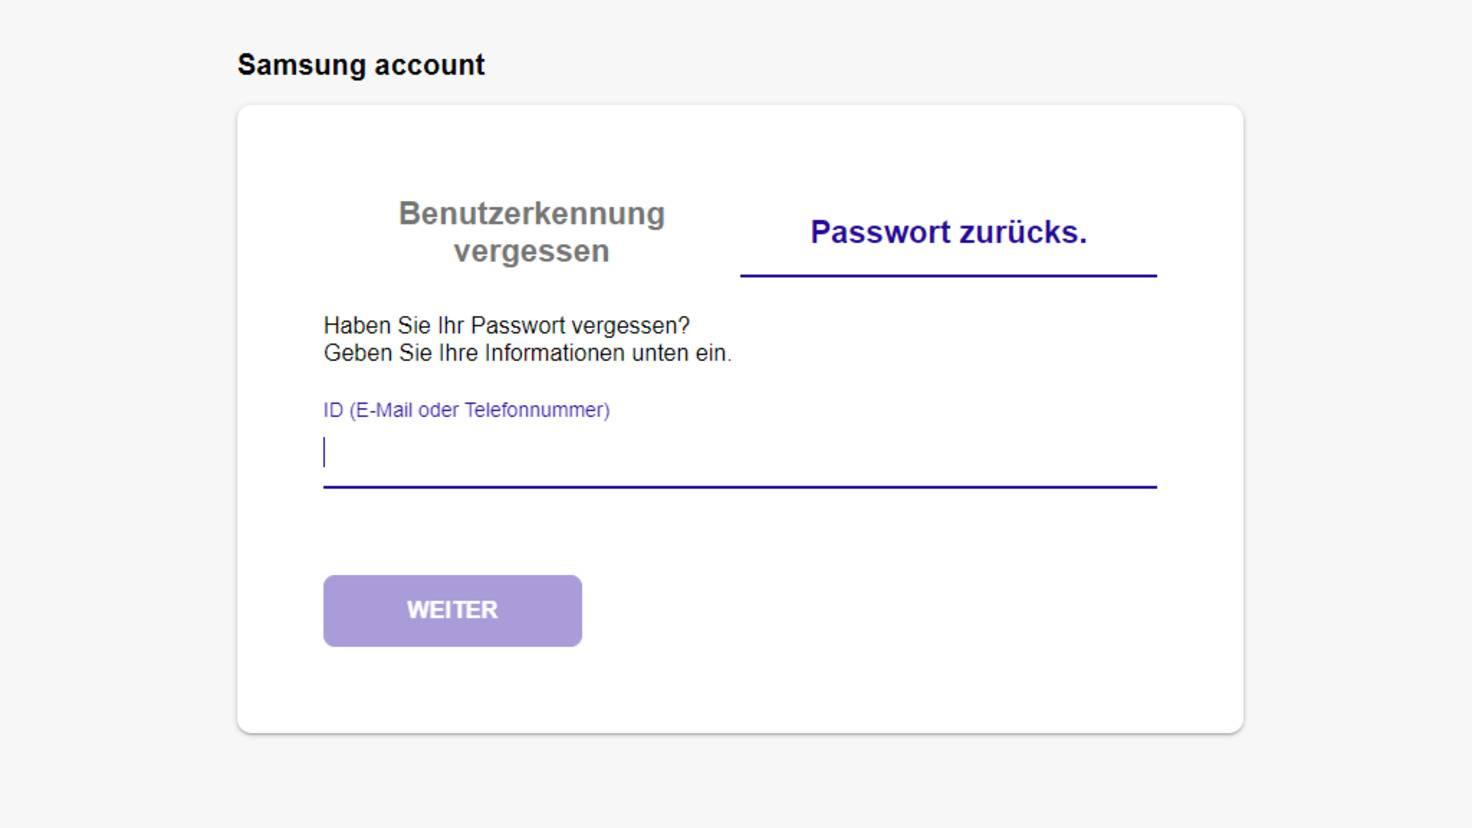 Samsung-Konto-Passwort-zurücksetzen